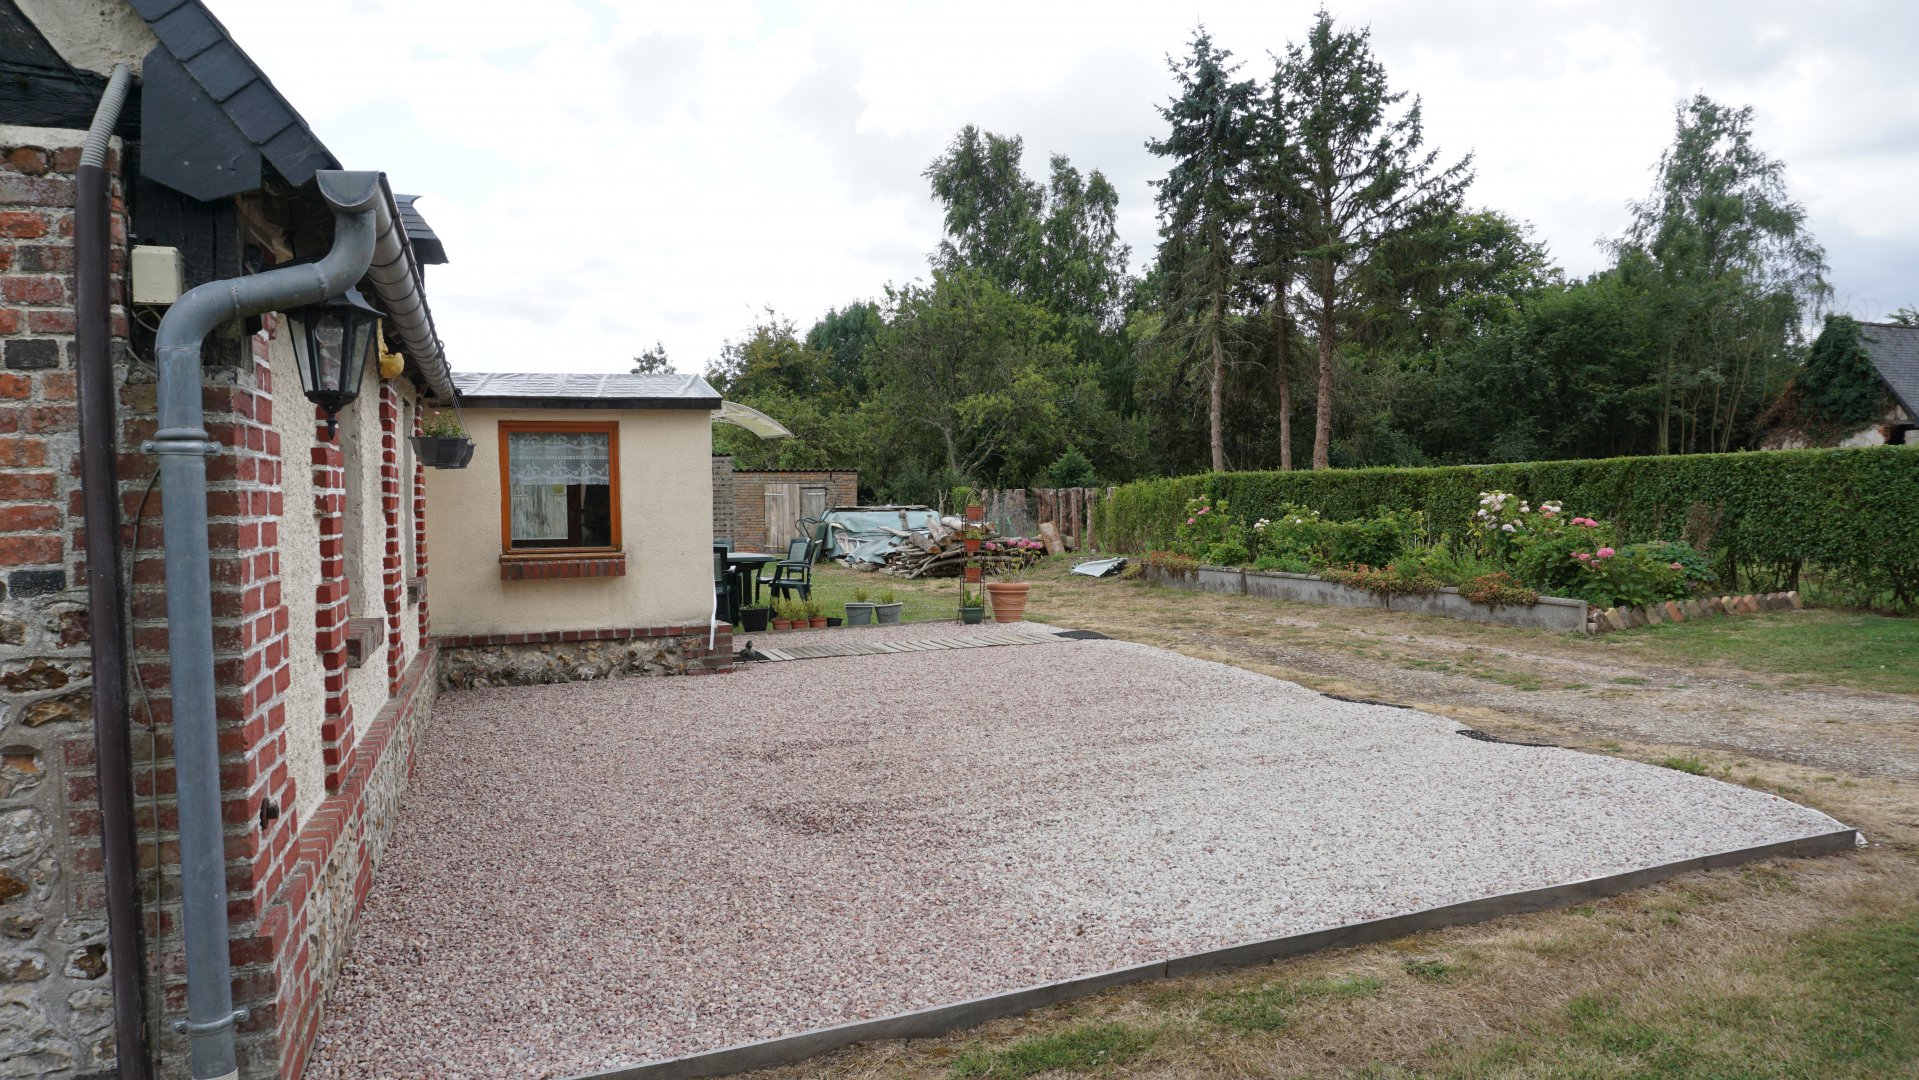 PAYS D'AUGE CALVADOS Une maison normande avec un jardin et une dépendance.